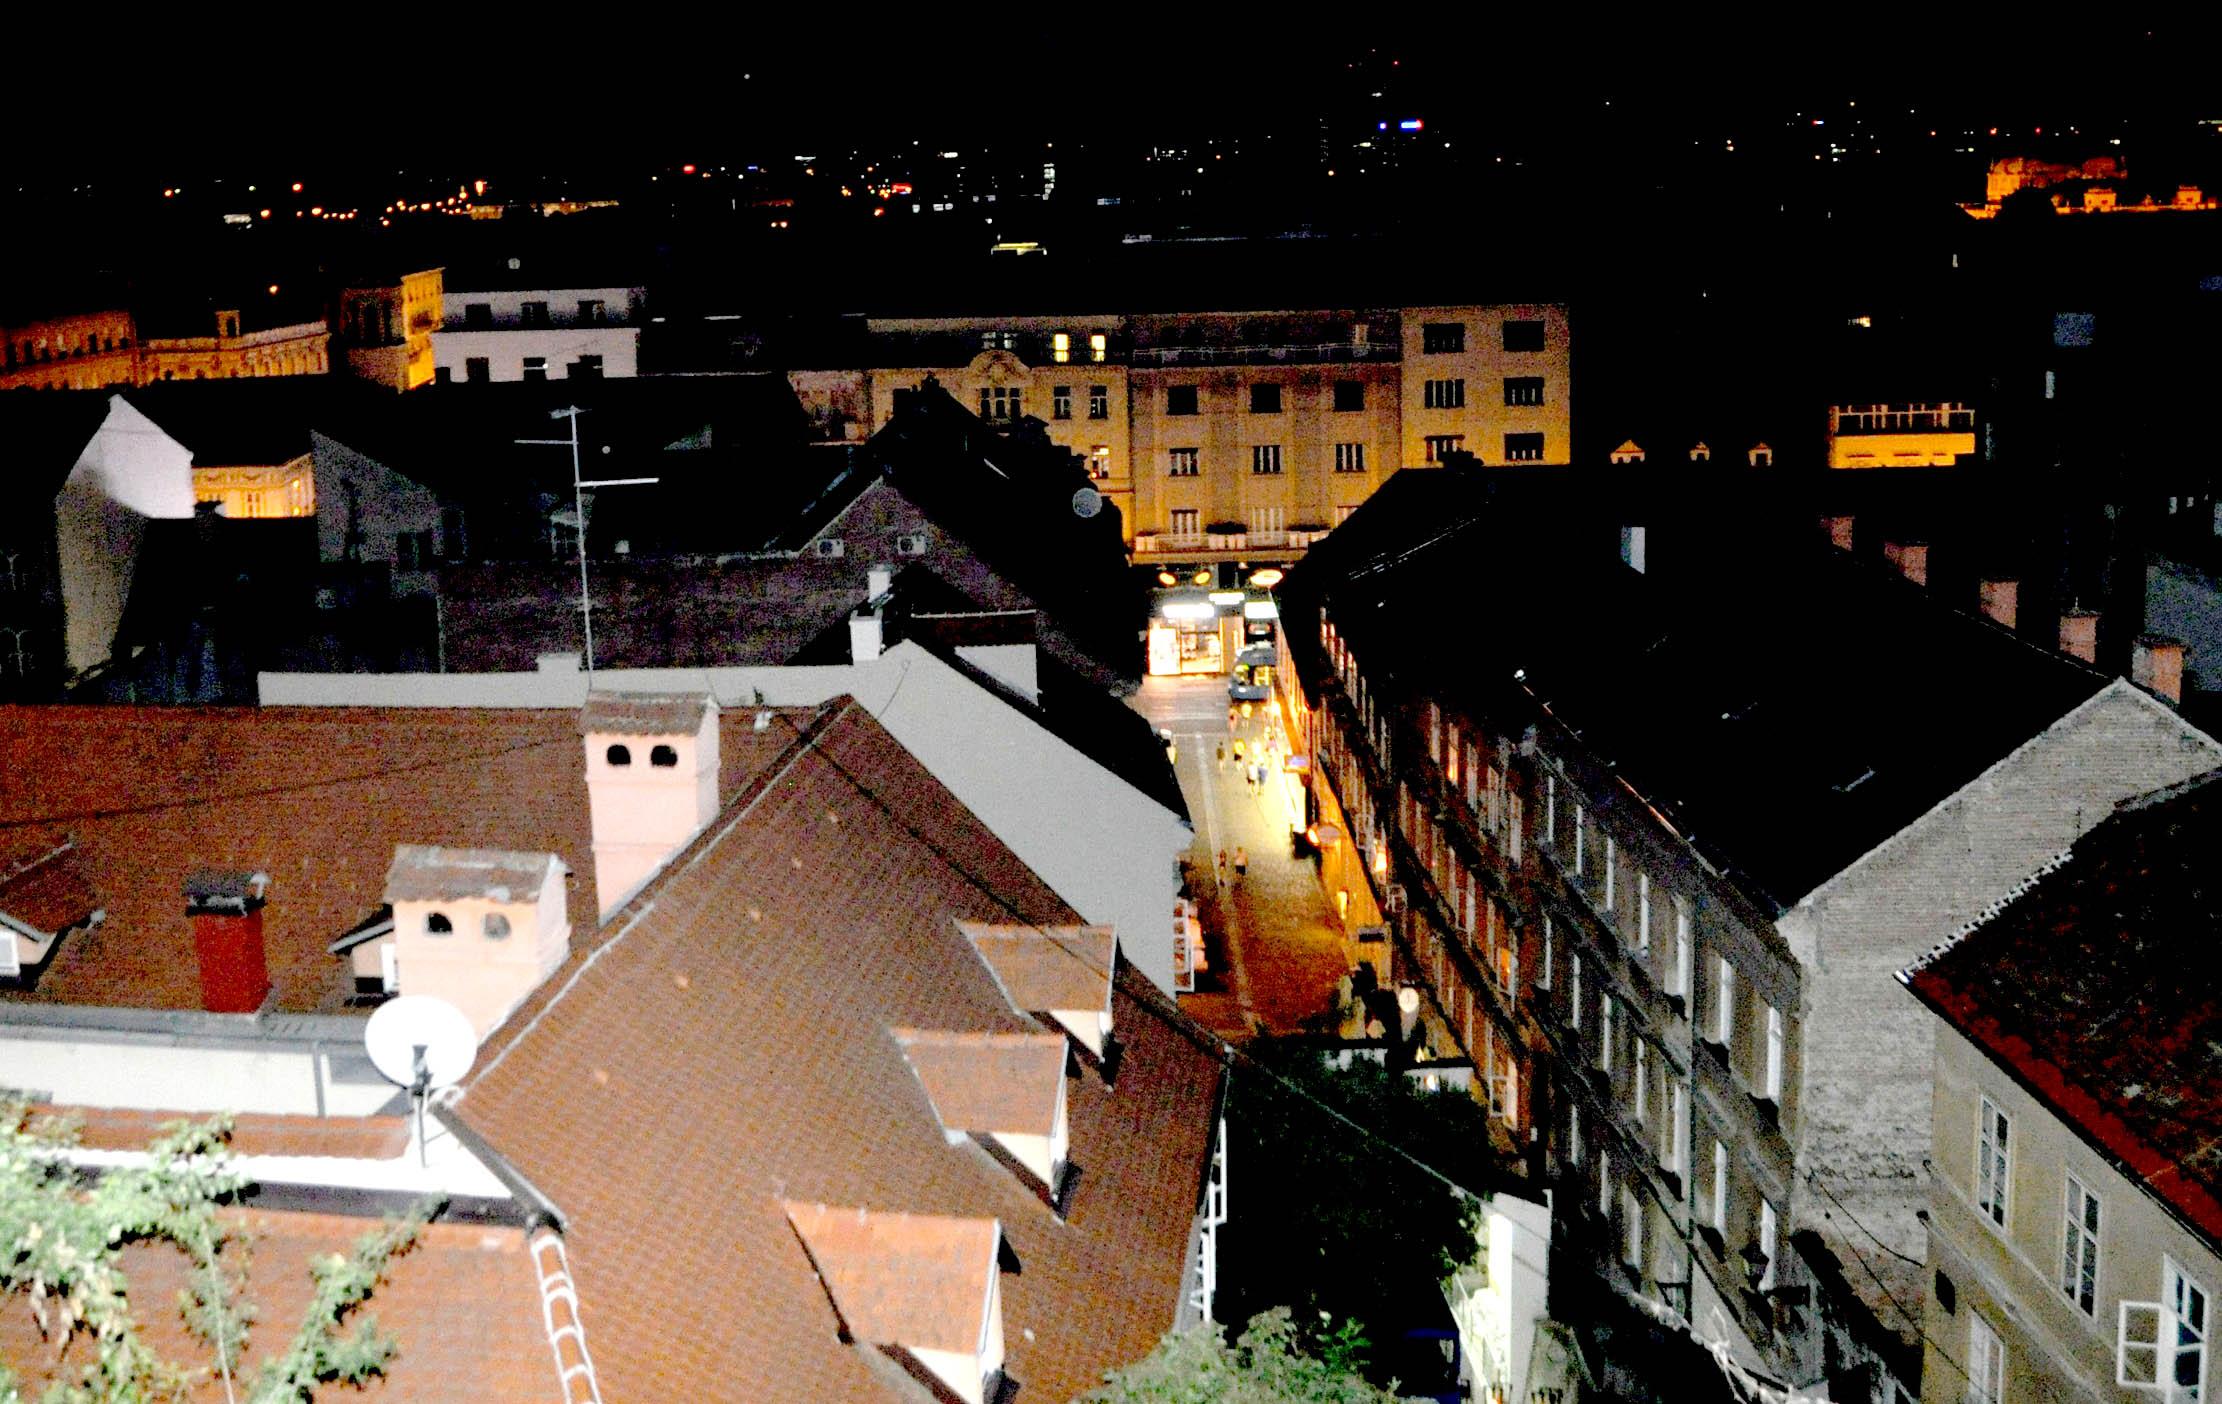 Bandić dodijelio javnu površinu firmi povezanoj s njegovim najbližim suradnikom